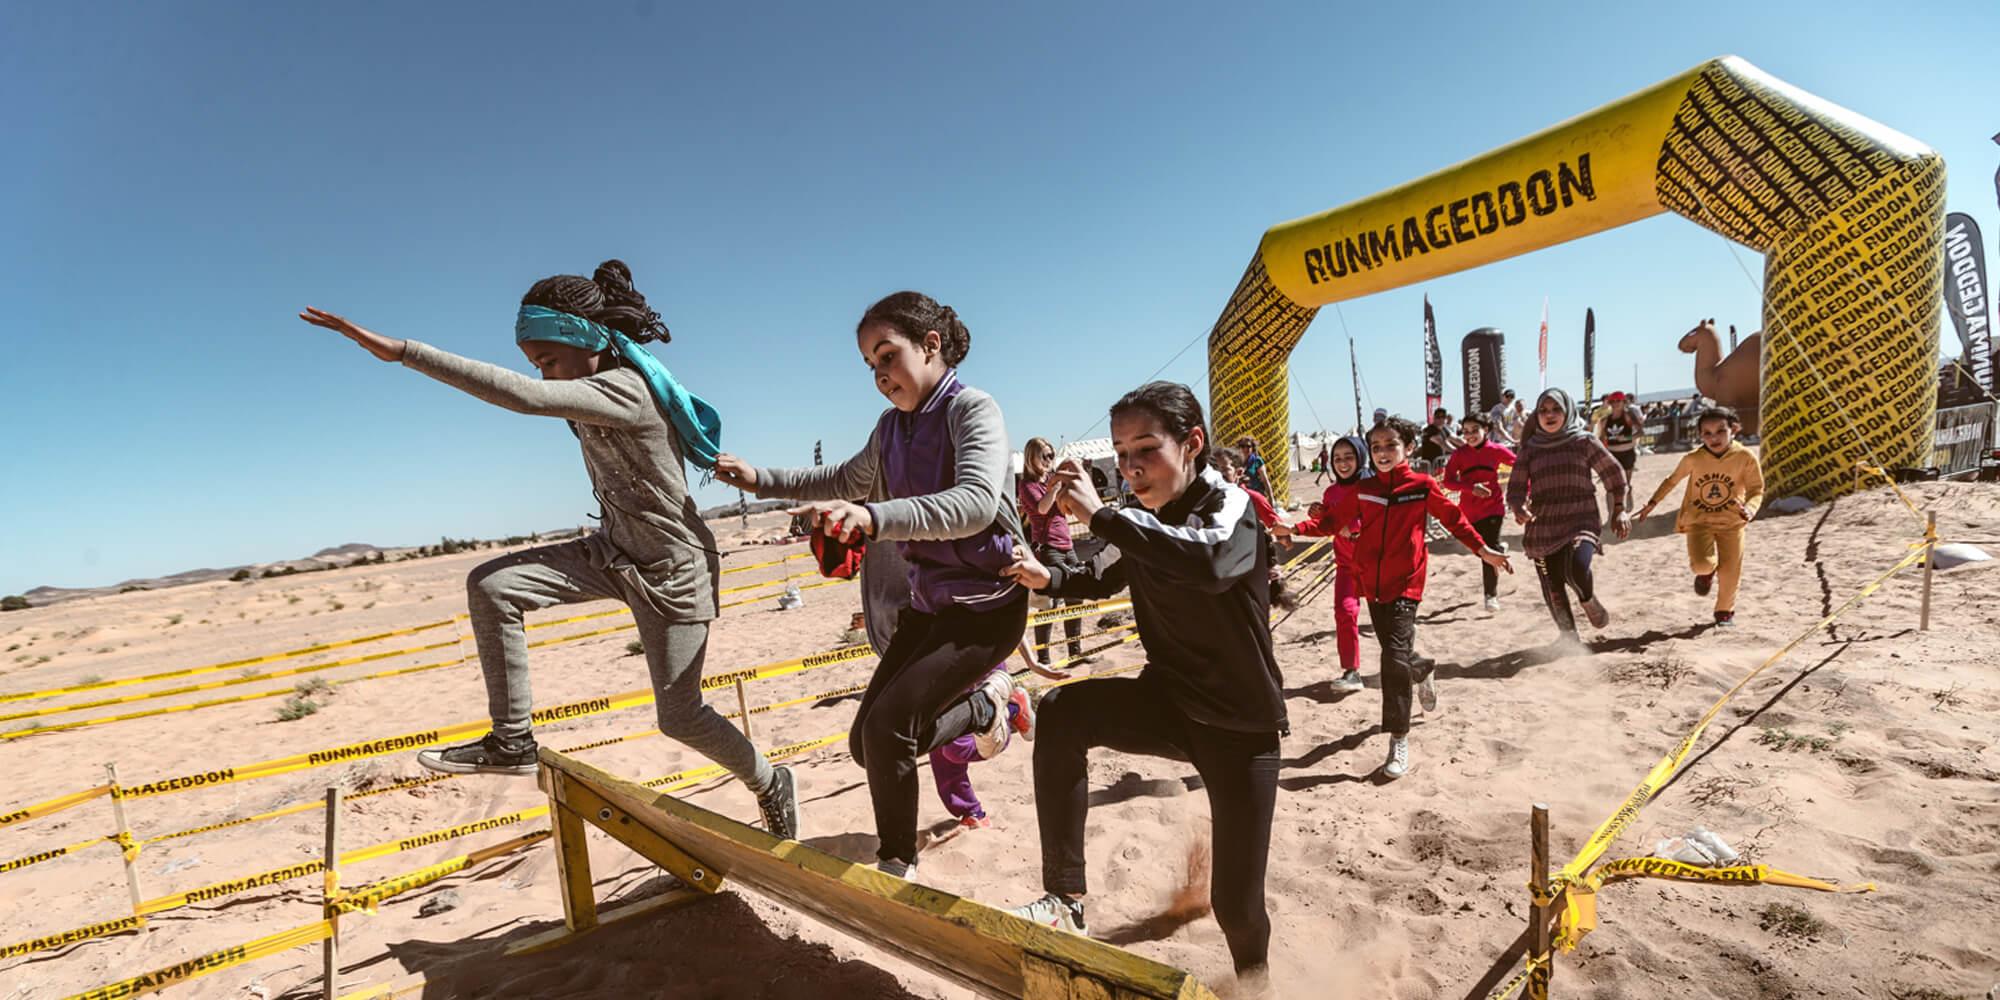 Brama startowa stosowana na pustyni podczas ektremalnych biegów Runmageddon